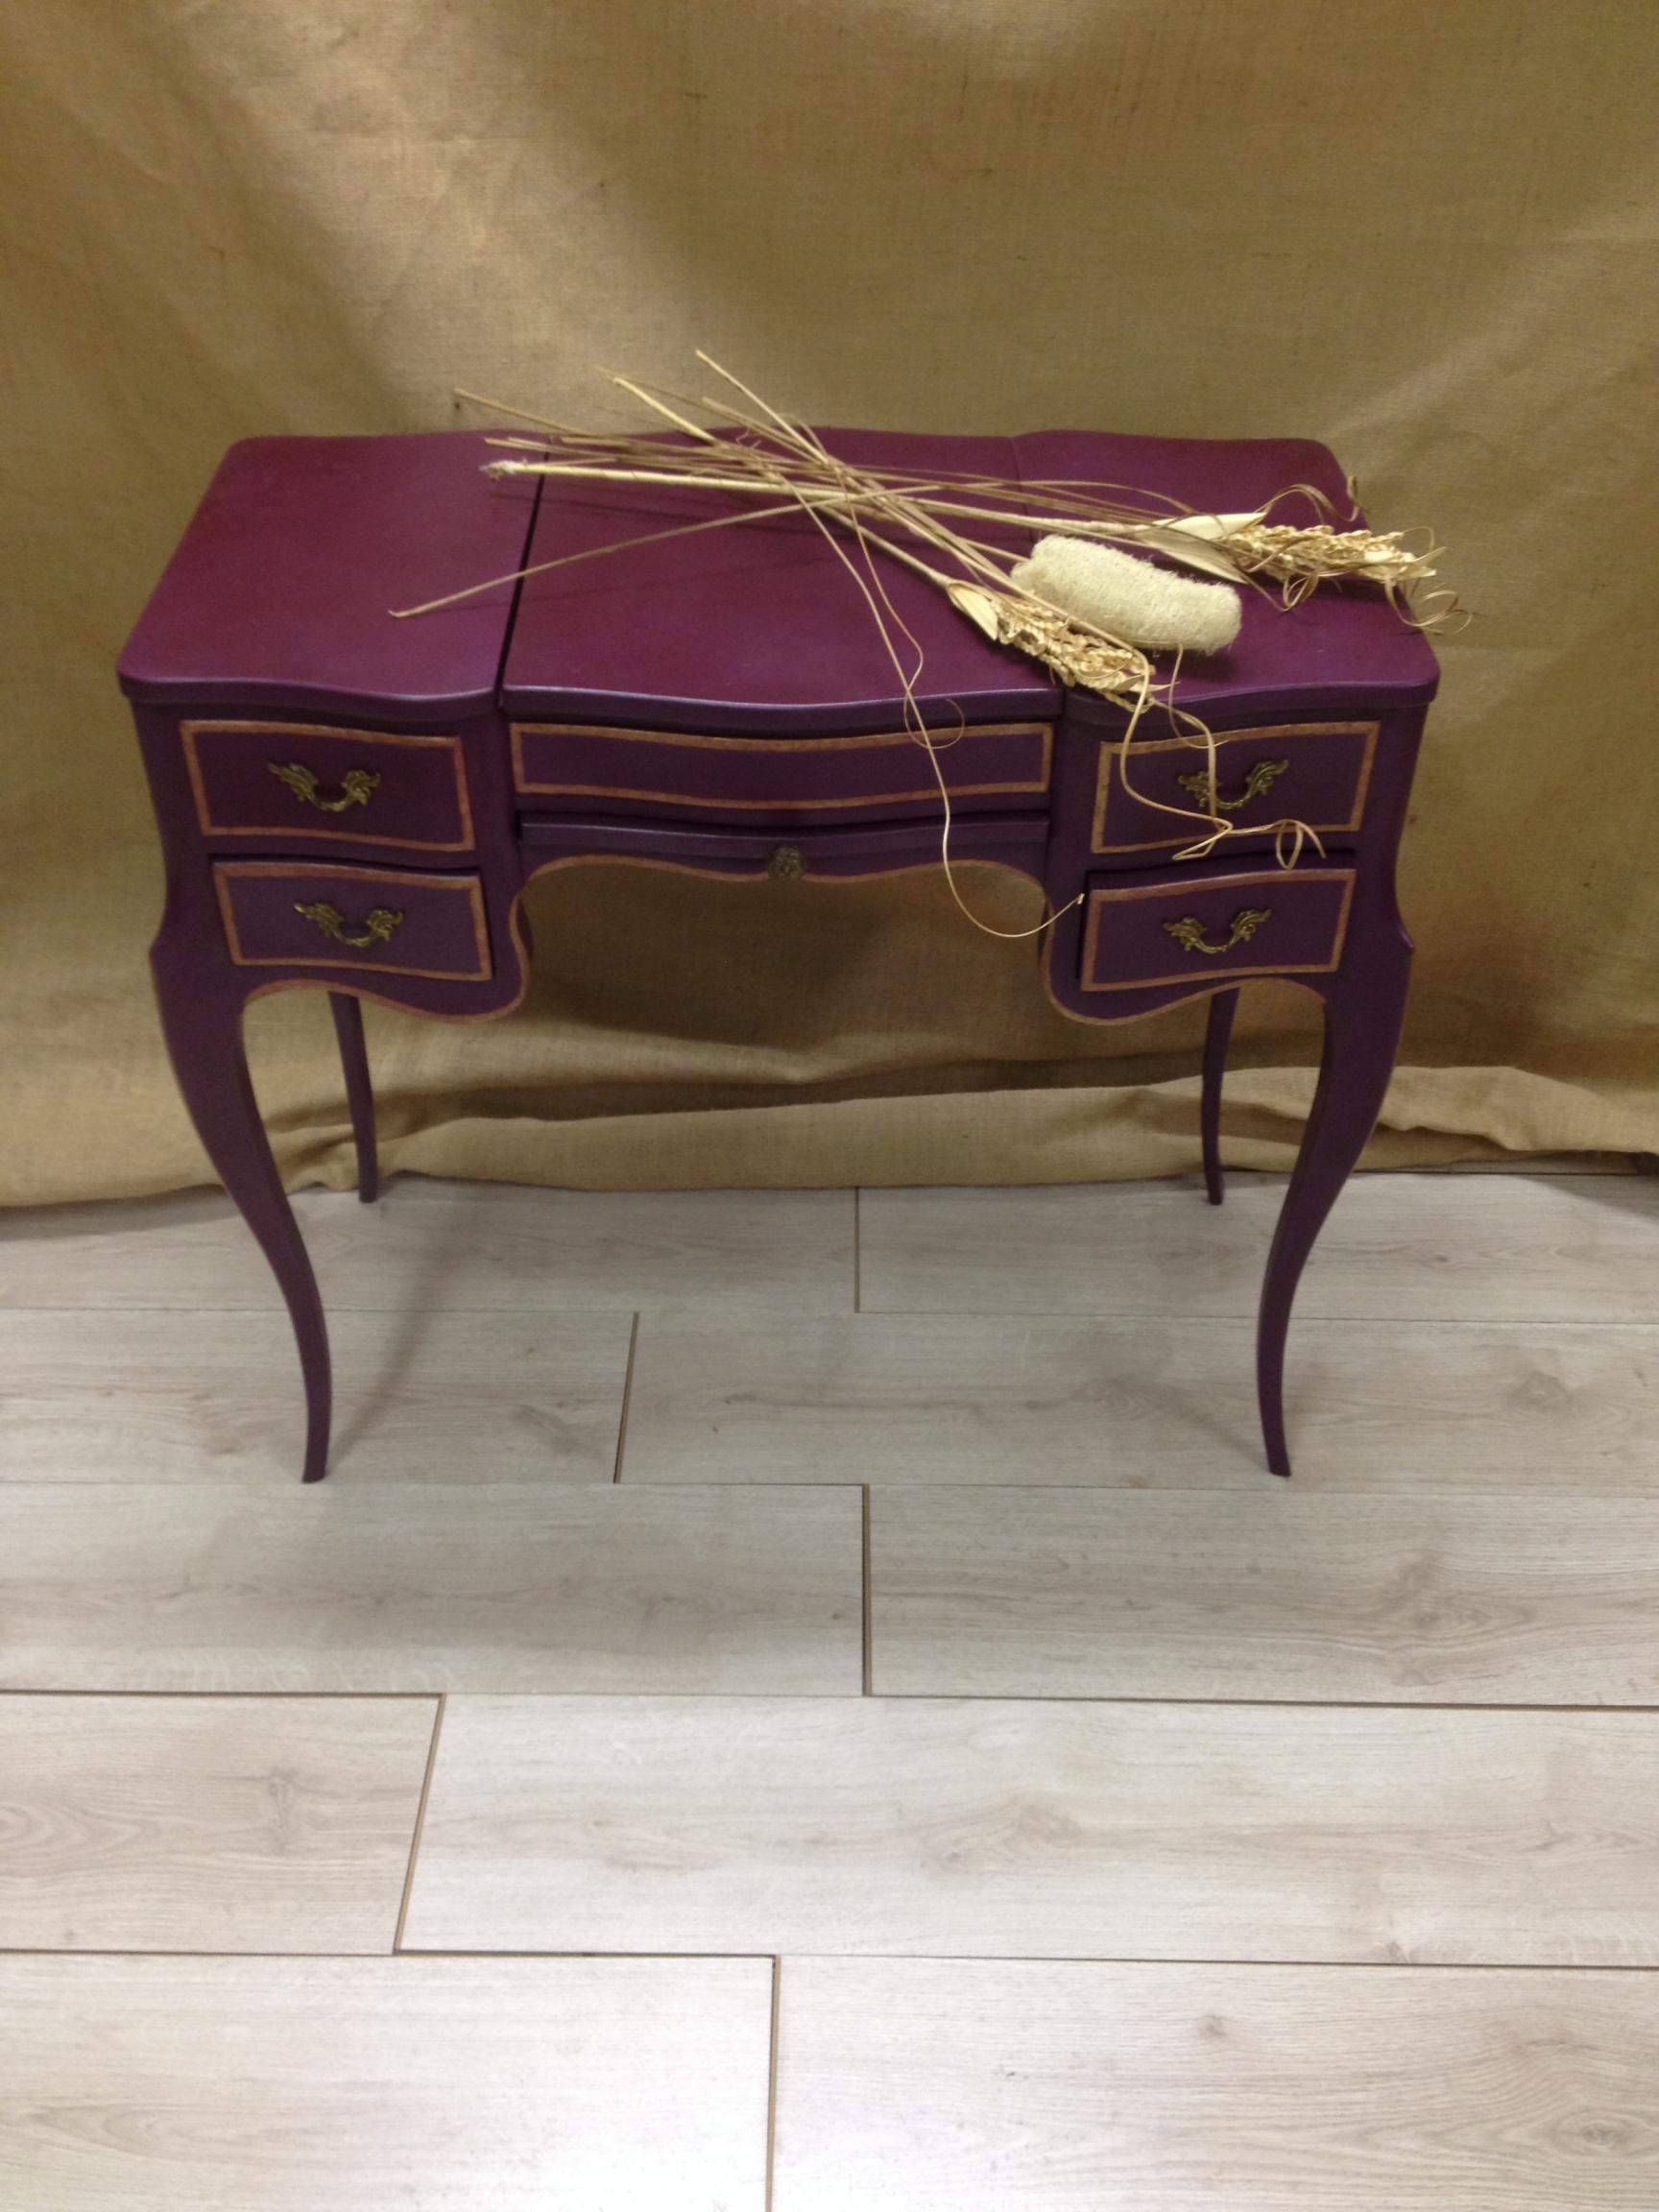 Actualit� de corinne renault Restaurations de meubles Art de la Table et D�coration